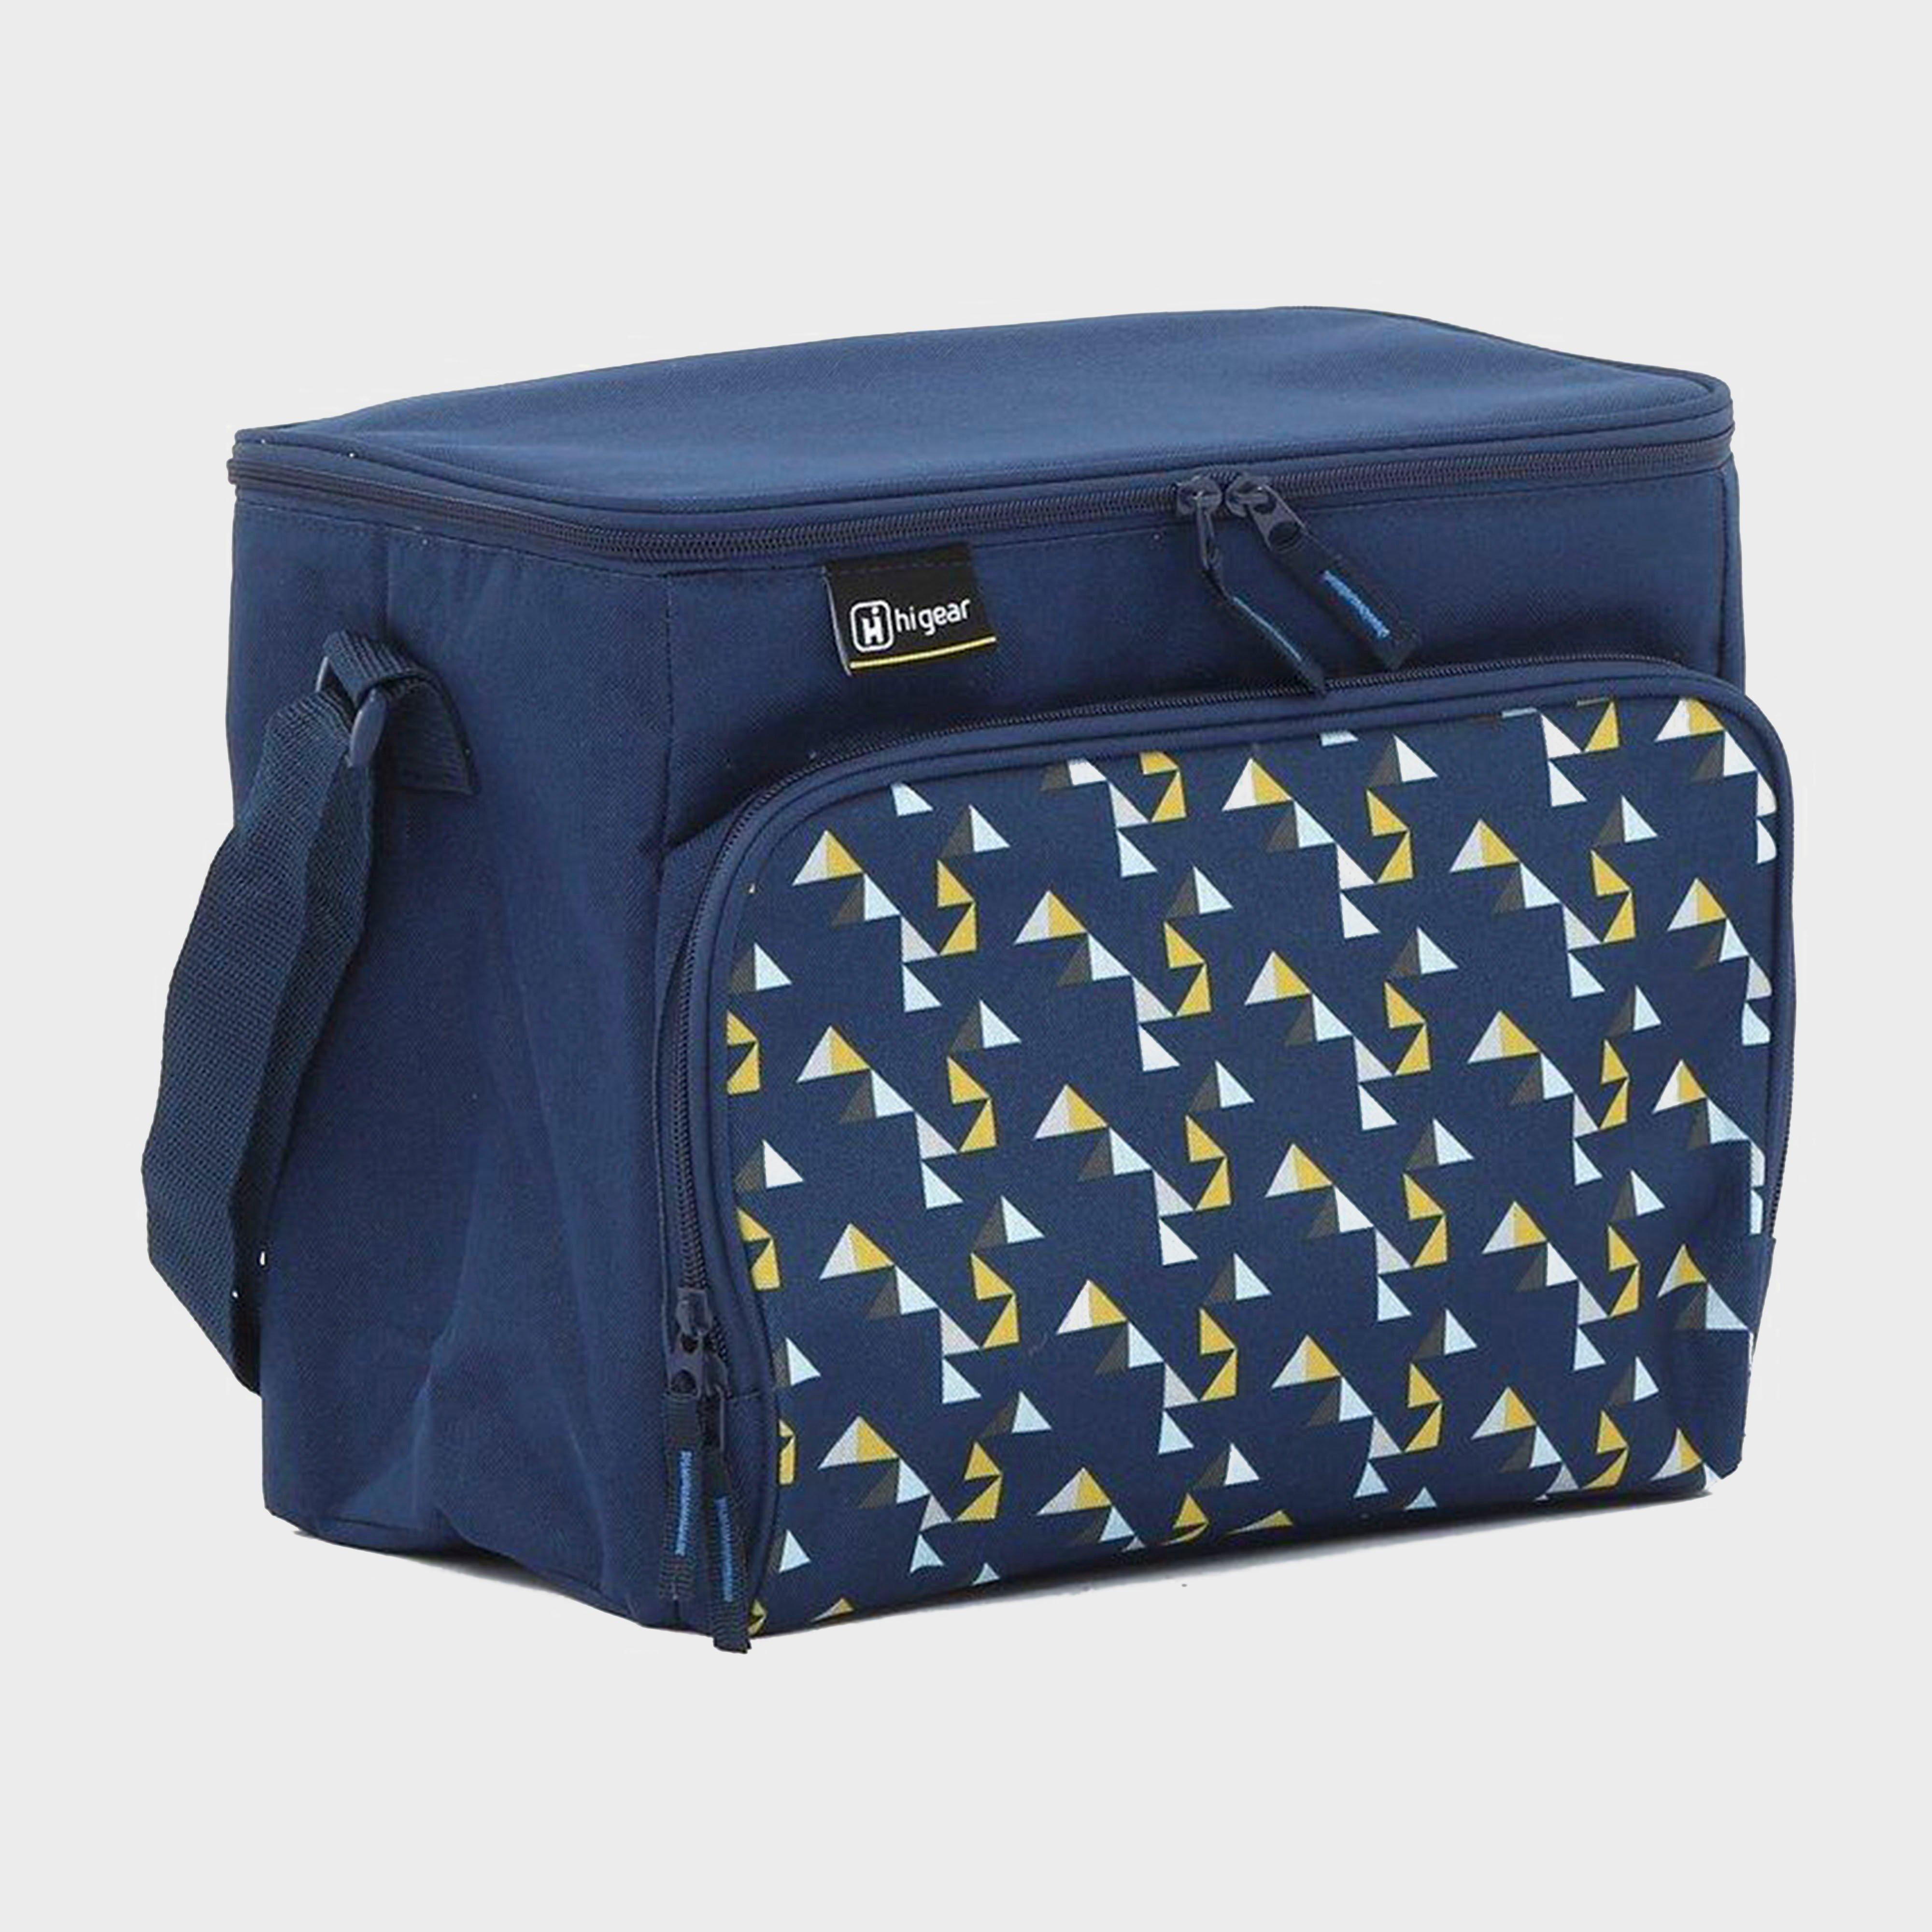 Hi-gear Delta 25l Cool - Navy/bag  Navy/bag